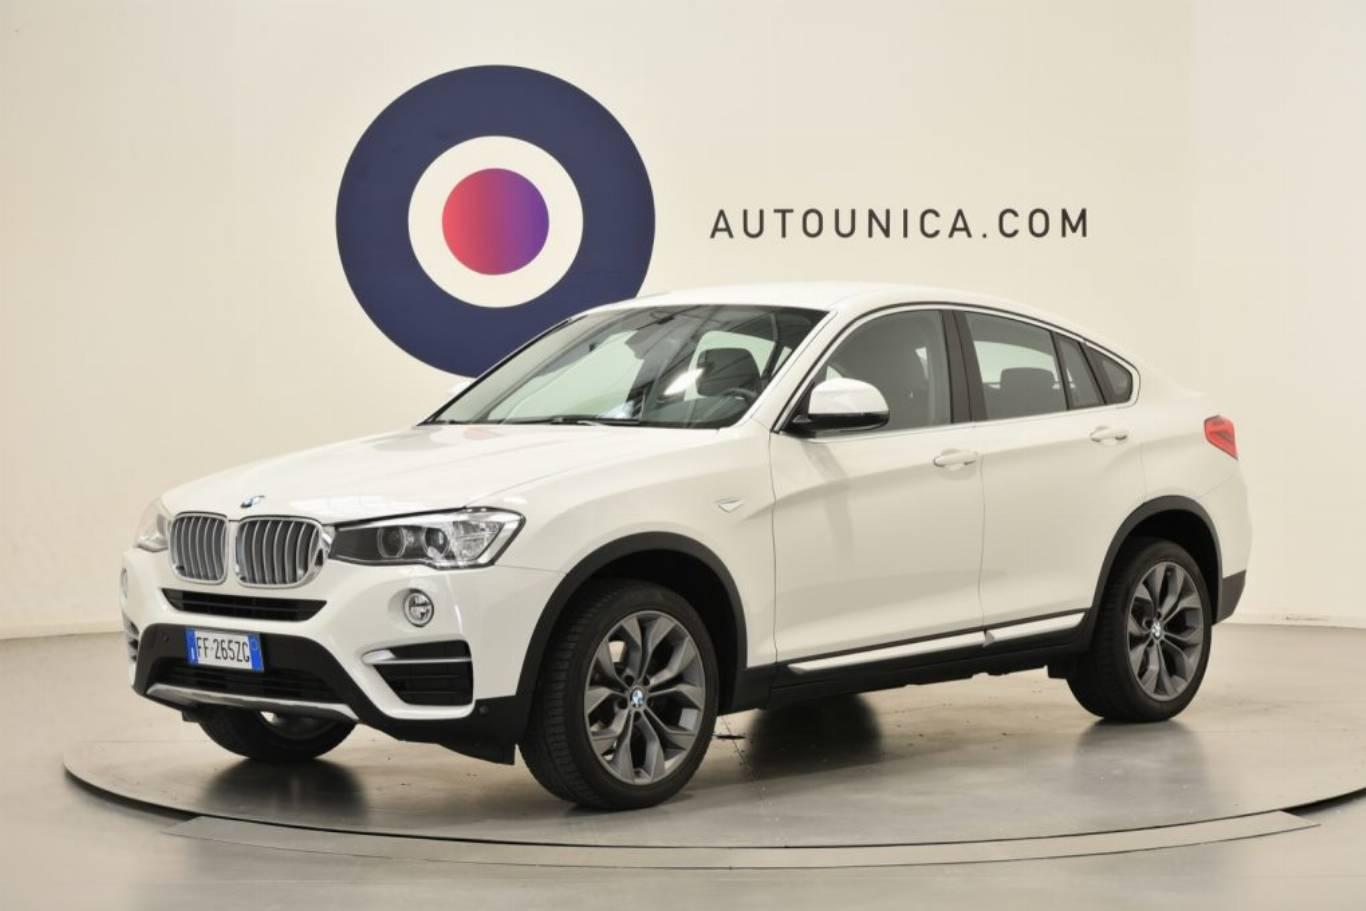 BMW - X4 XDRIVE 20D X LINE AUTOMATICA SOLO 46.583 KM